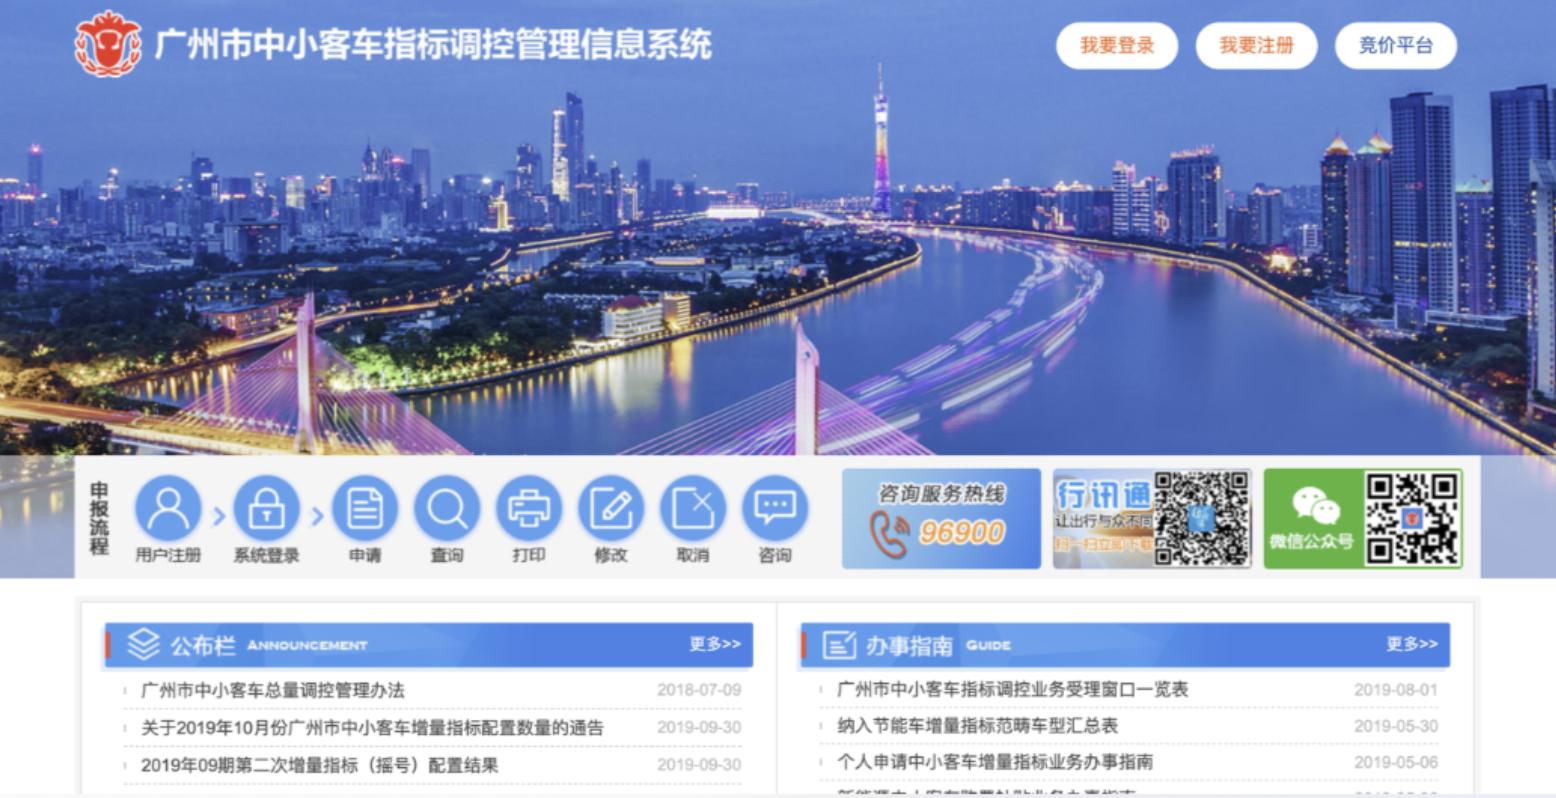 广州9月将增加一次摇号 新增10000个指标